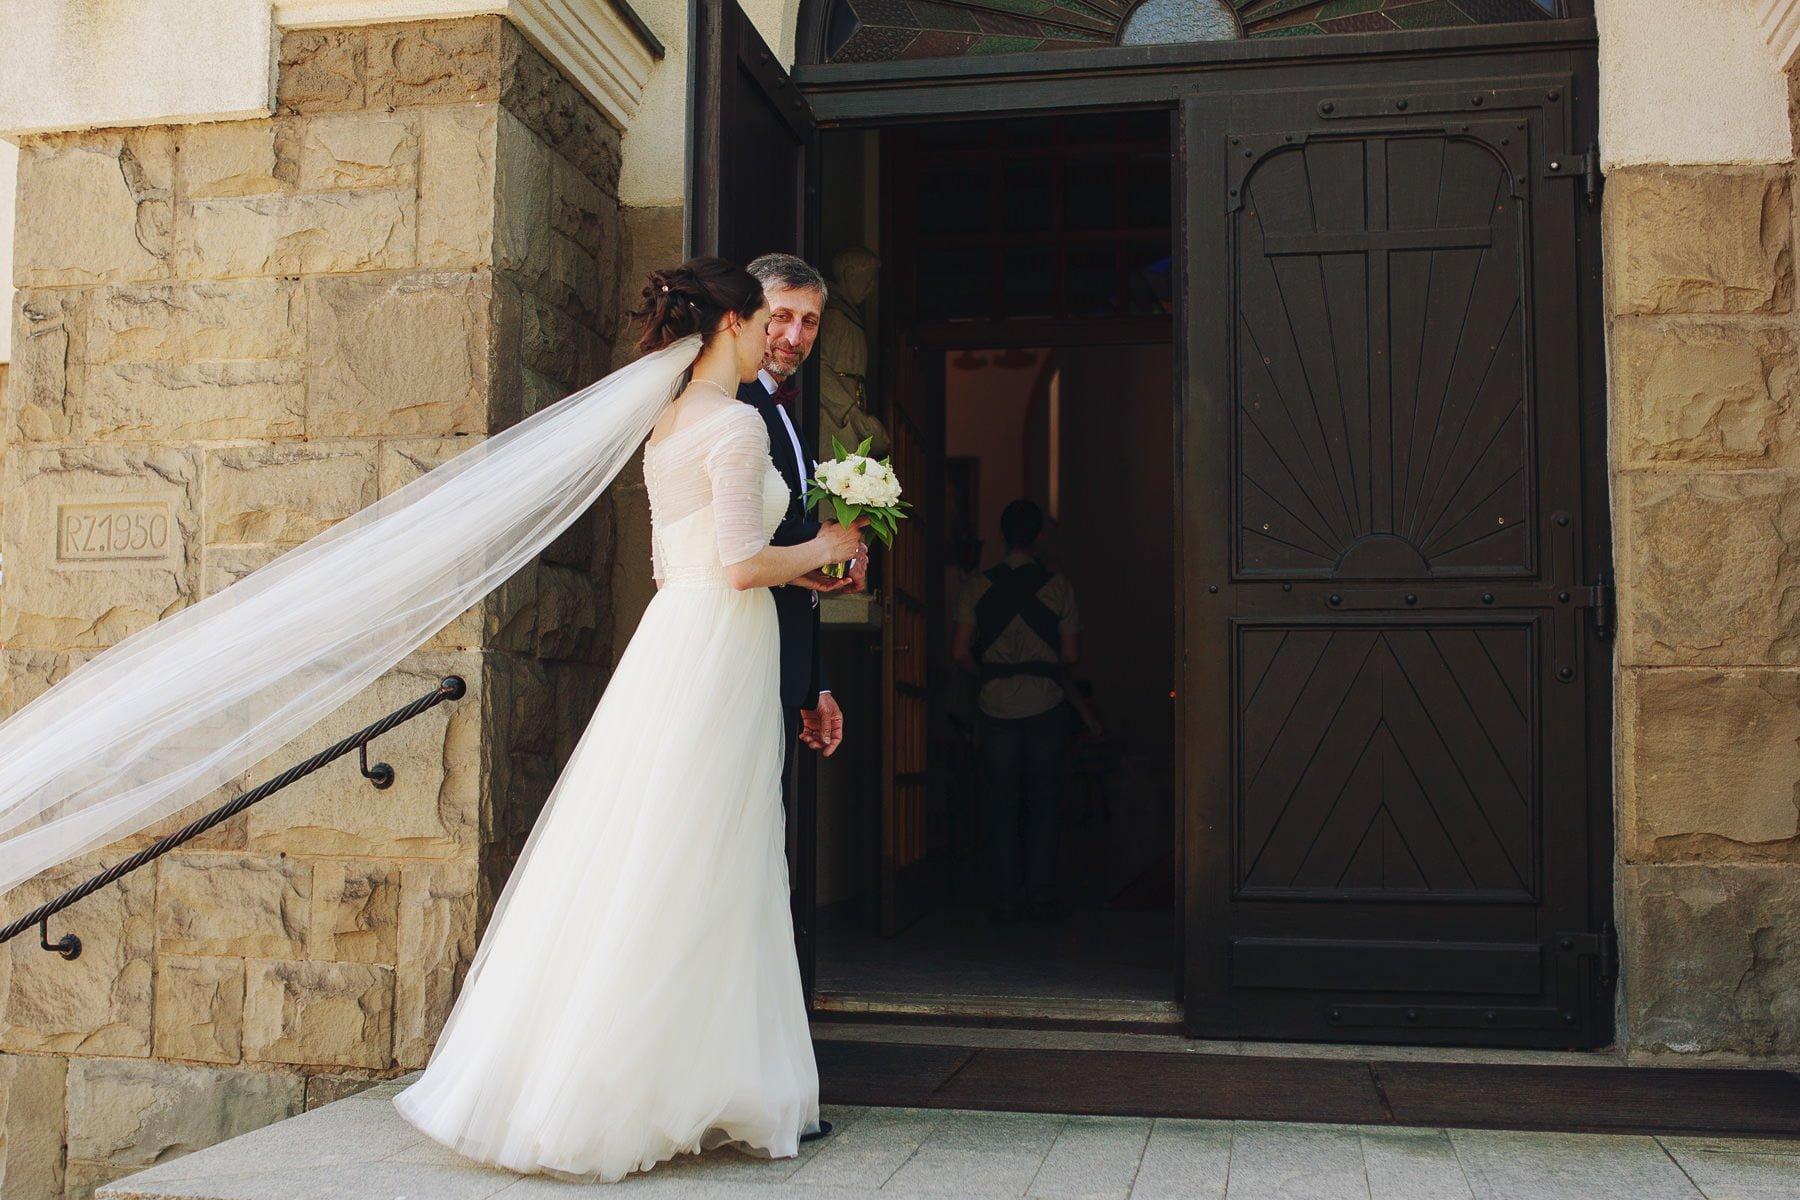 fotograf slub bielsko biala ania maciej 43 - Ślub w Bielsku-Białej - ANIA & MACIEJ